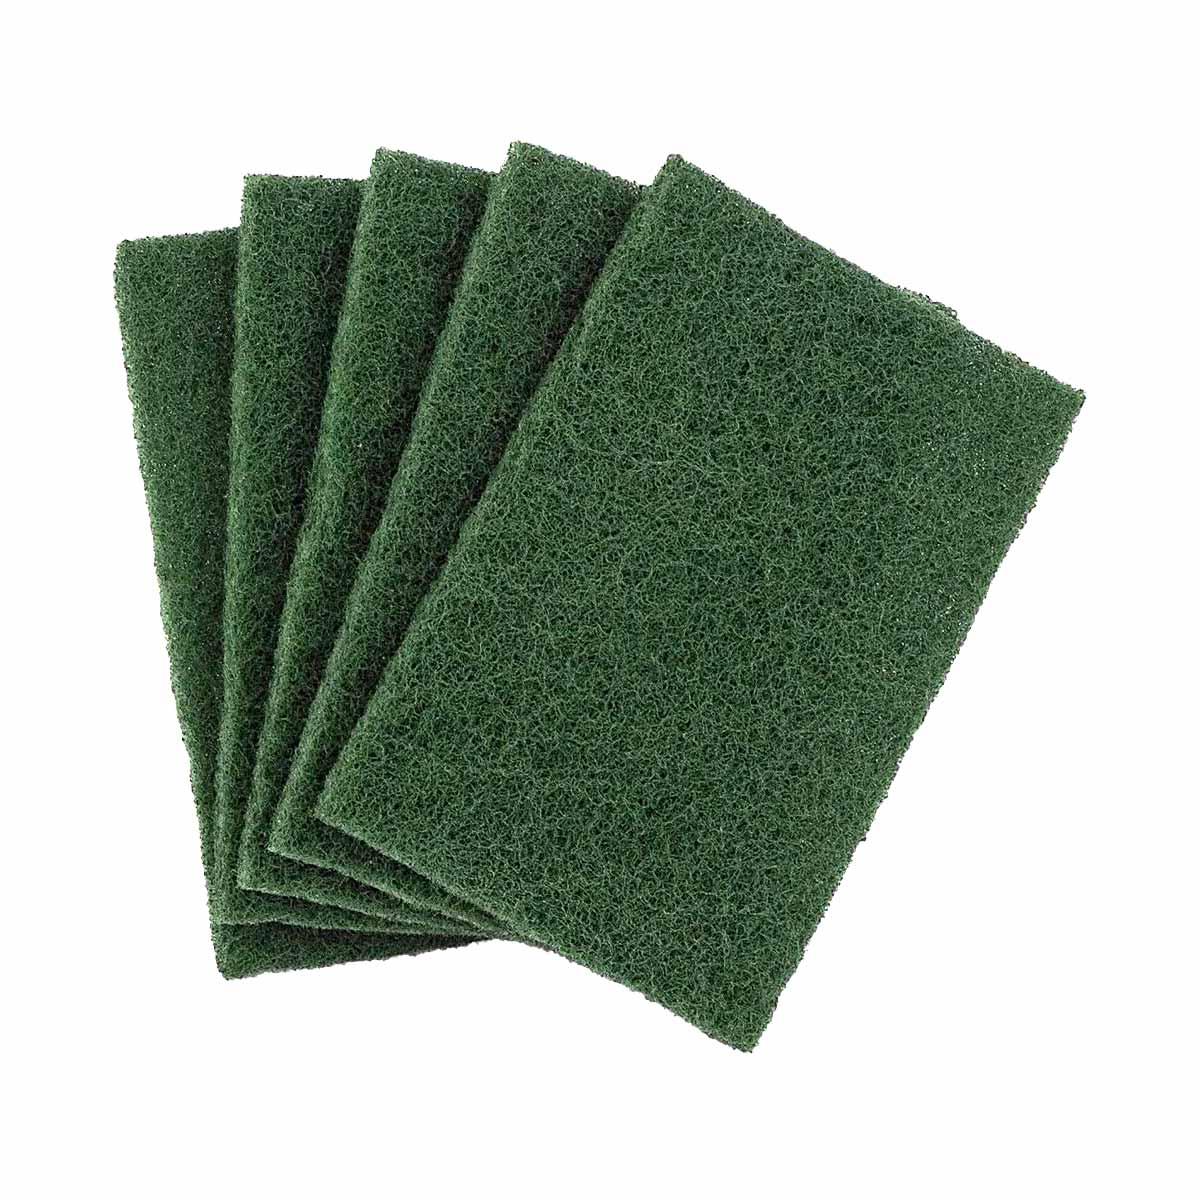 Esfregão de fibra verde para loiça 15x10cm (pack 5)